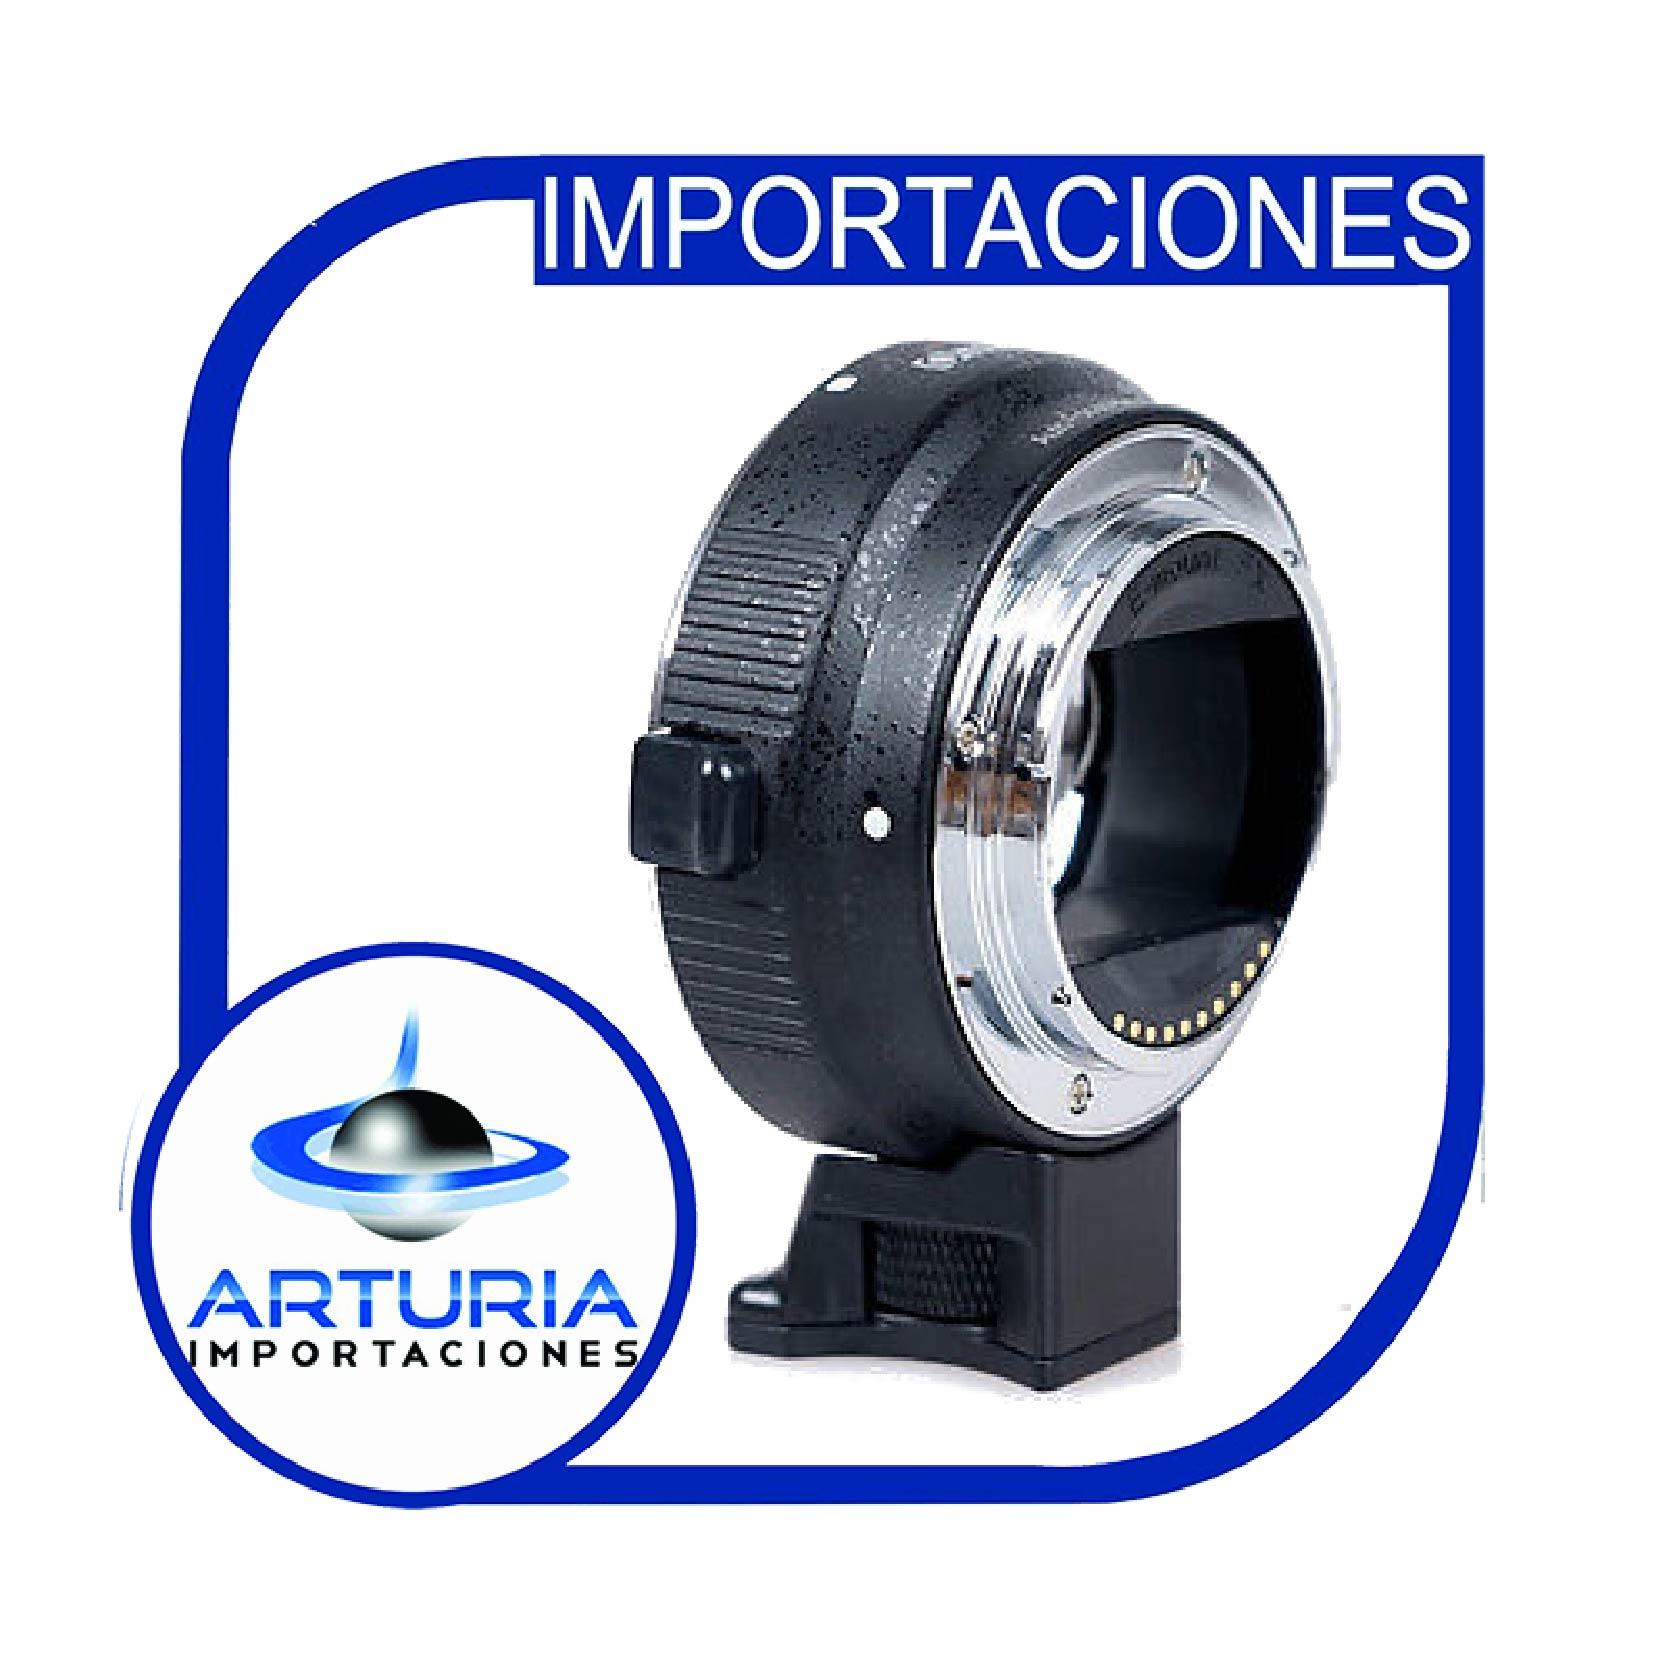 Cámaras y Lentes Sony archivos - Importaciones Arturia